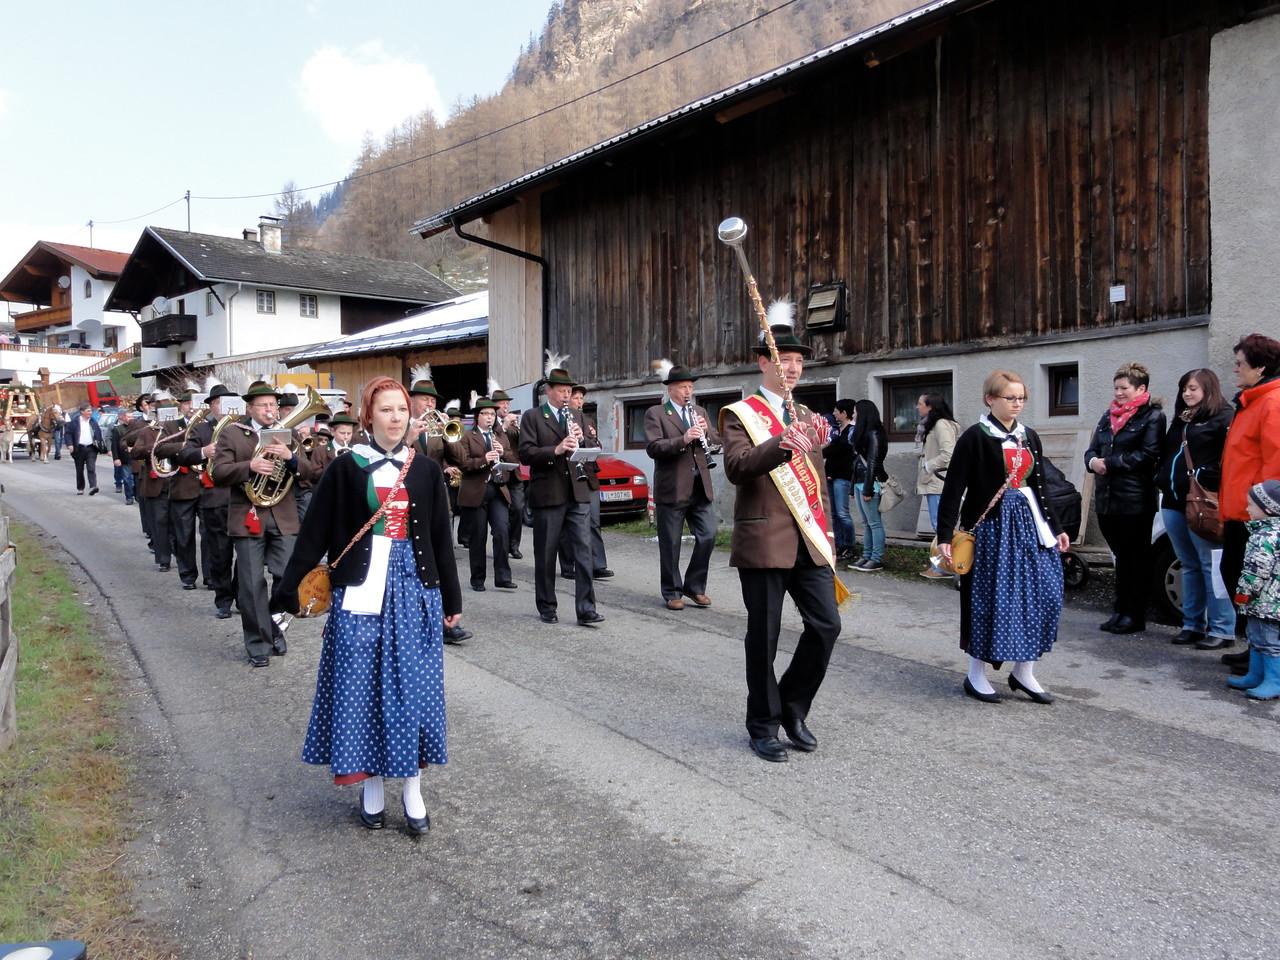 Grauviehausstellung Vals (c) Werner Daum